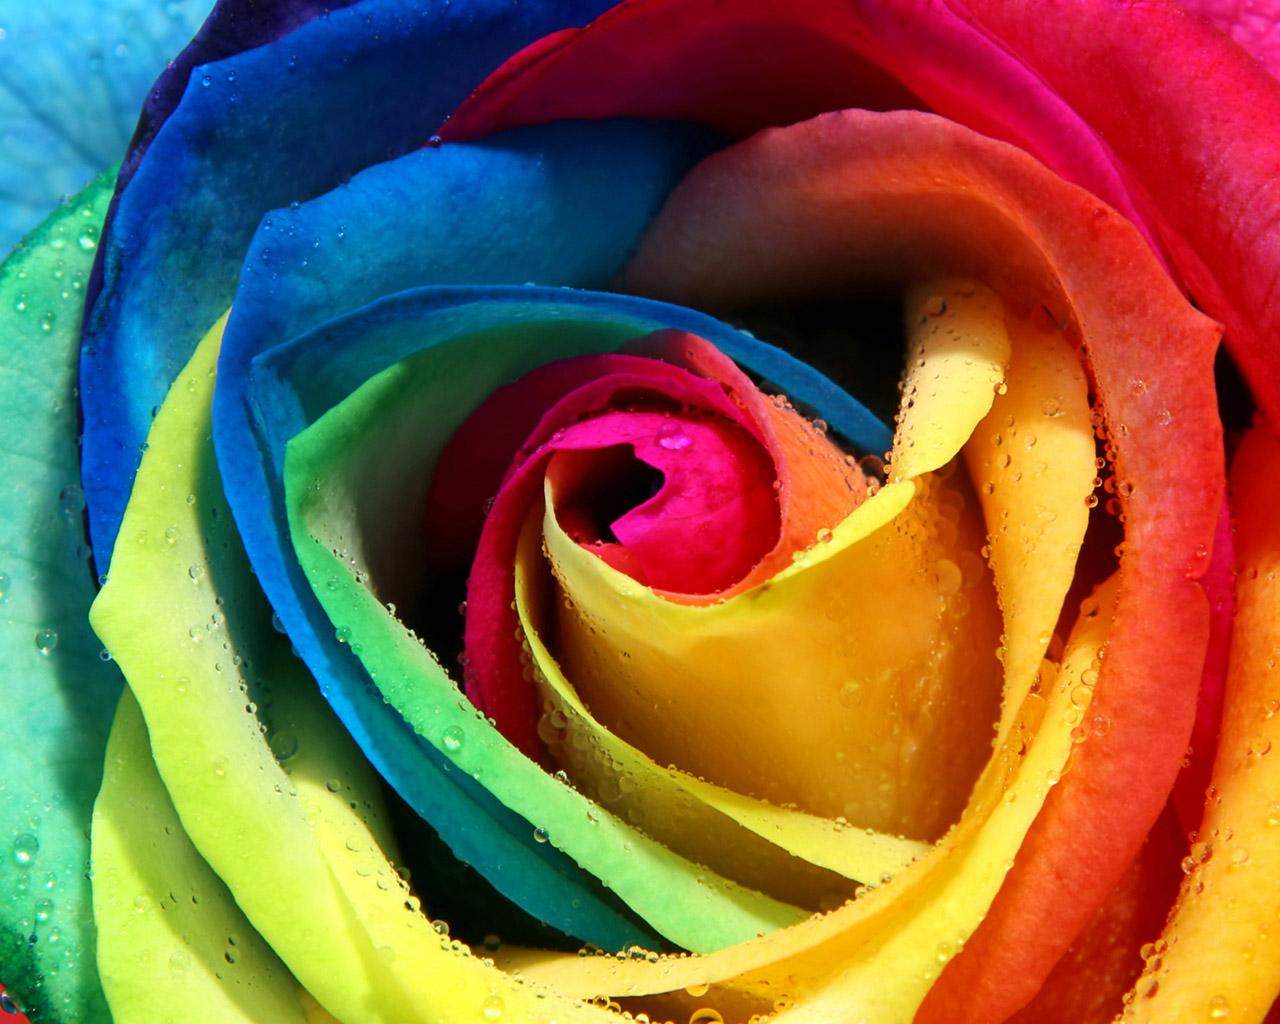 розноцветная роза, скачать фото, обои для рабочего стола, цветок крупным планом